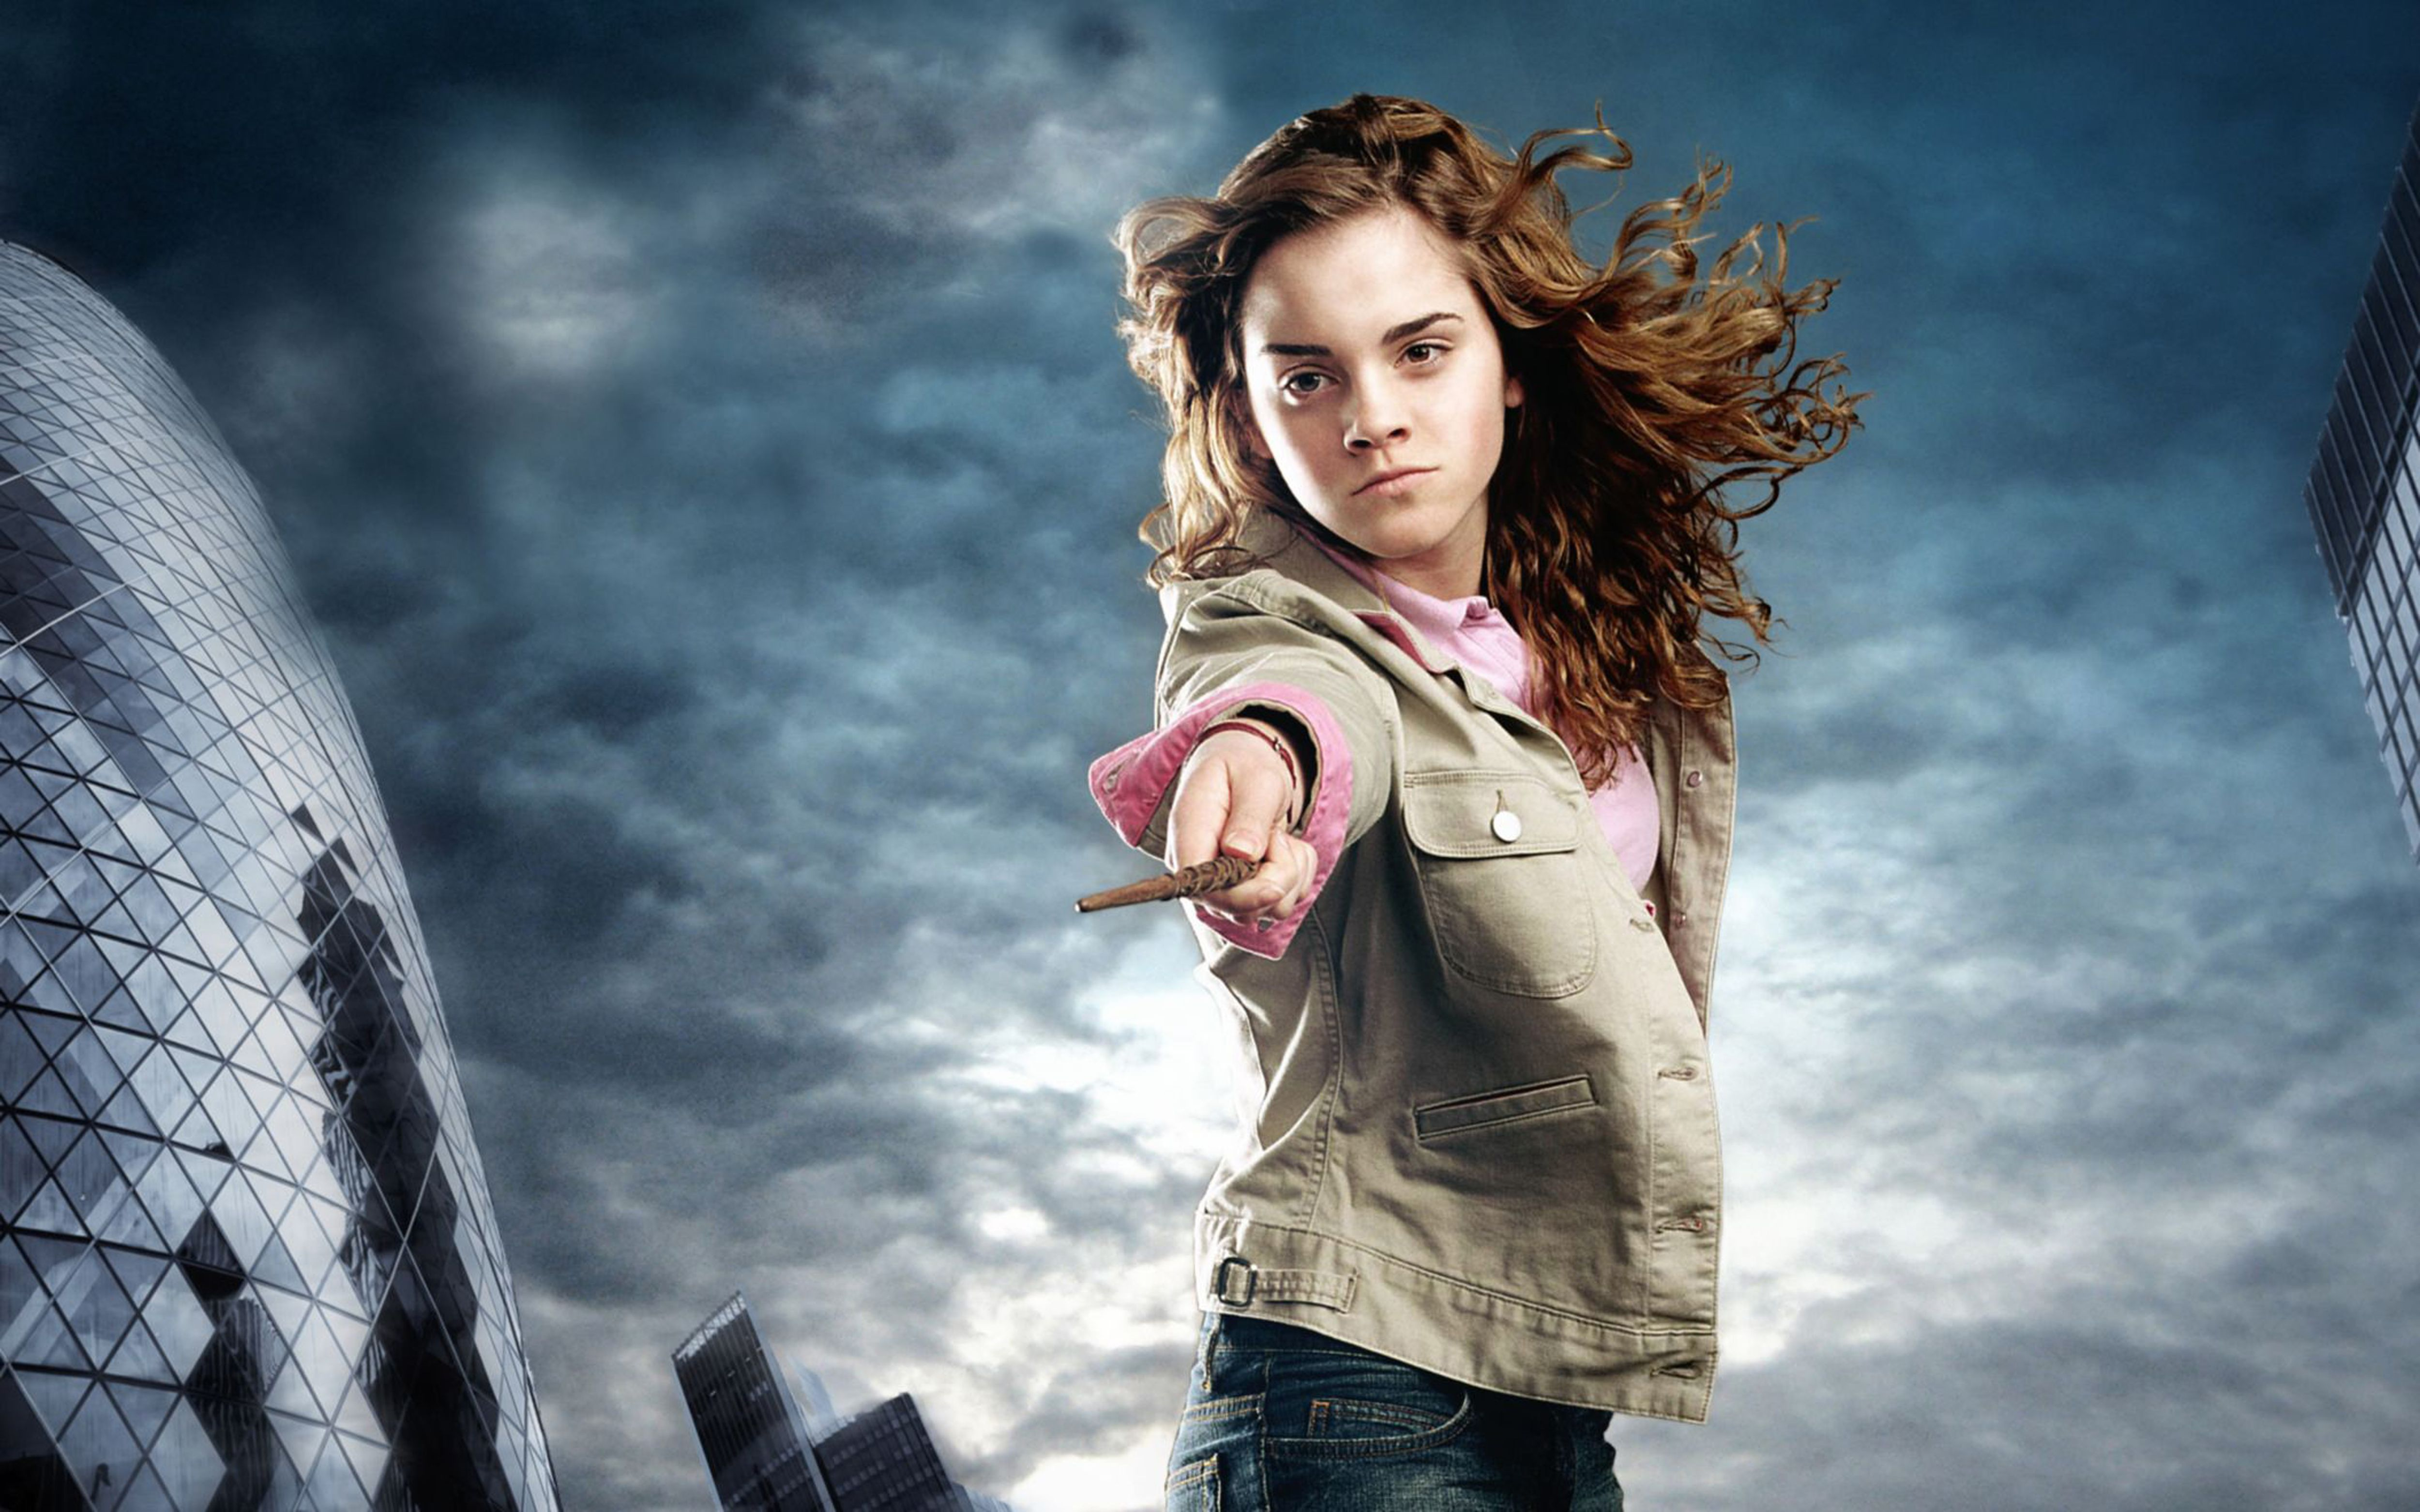 Hermione Granger Emma Watson Wallpaper Hermionegranger Hermione Emmawatson Harrypotter